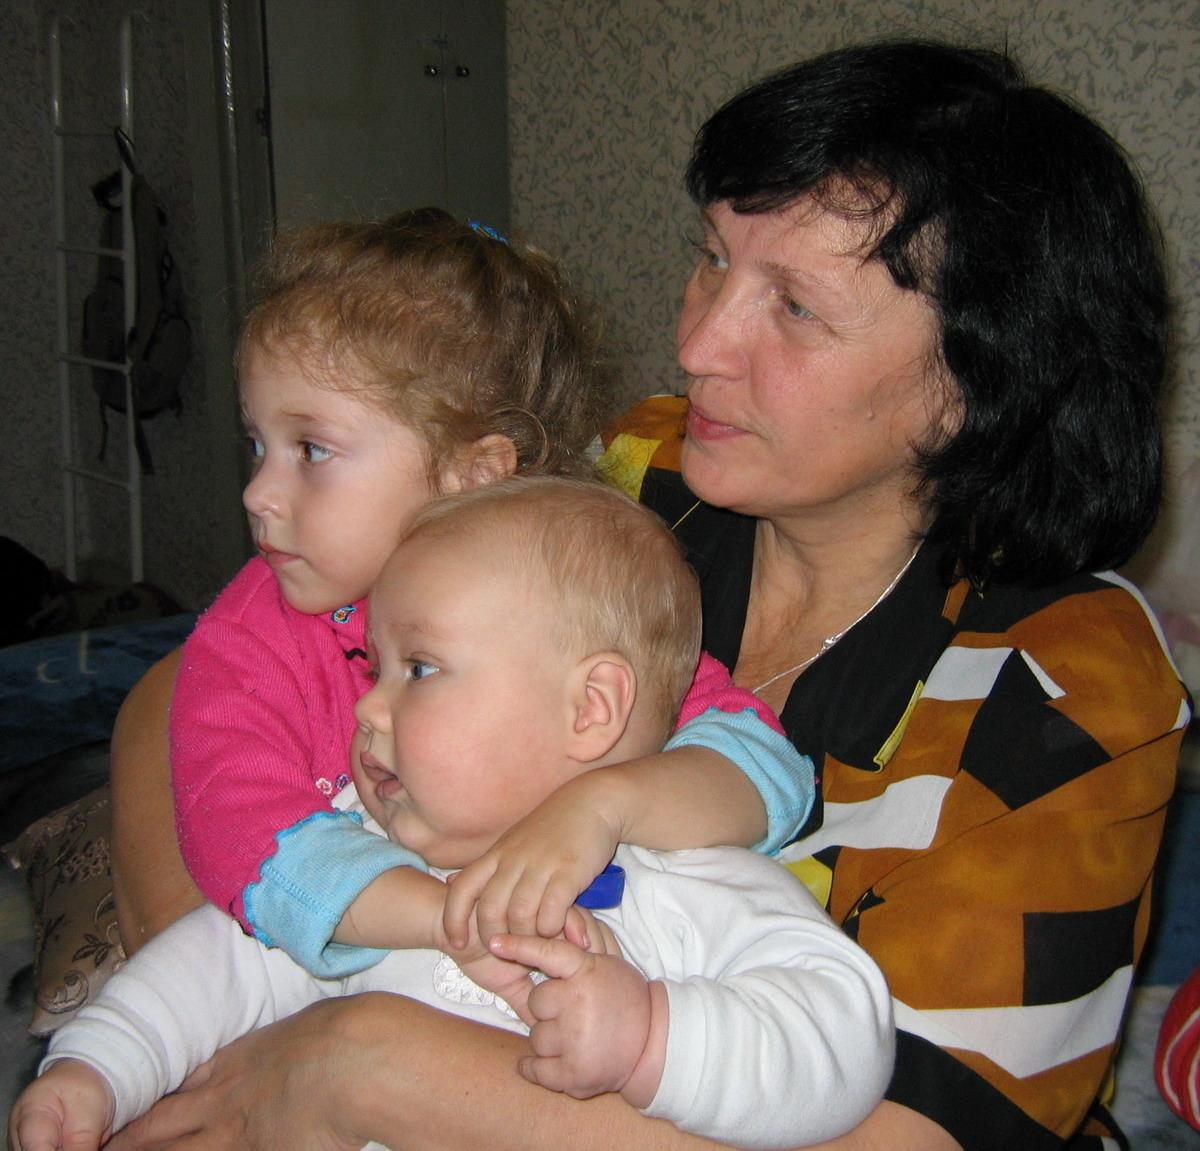 С бабой и Лизой смотрю телевизор!. Слова - не единственный способ общения